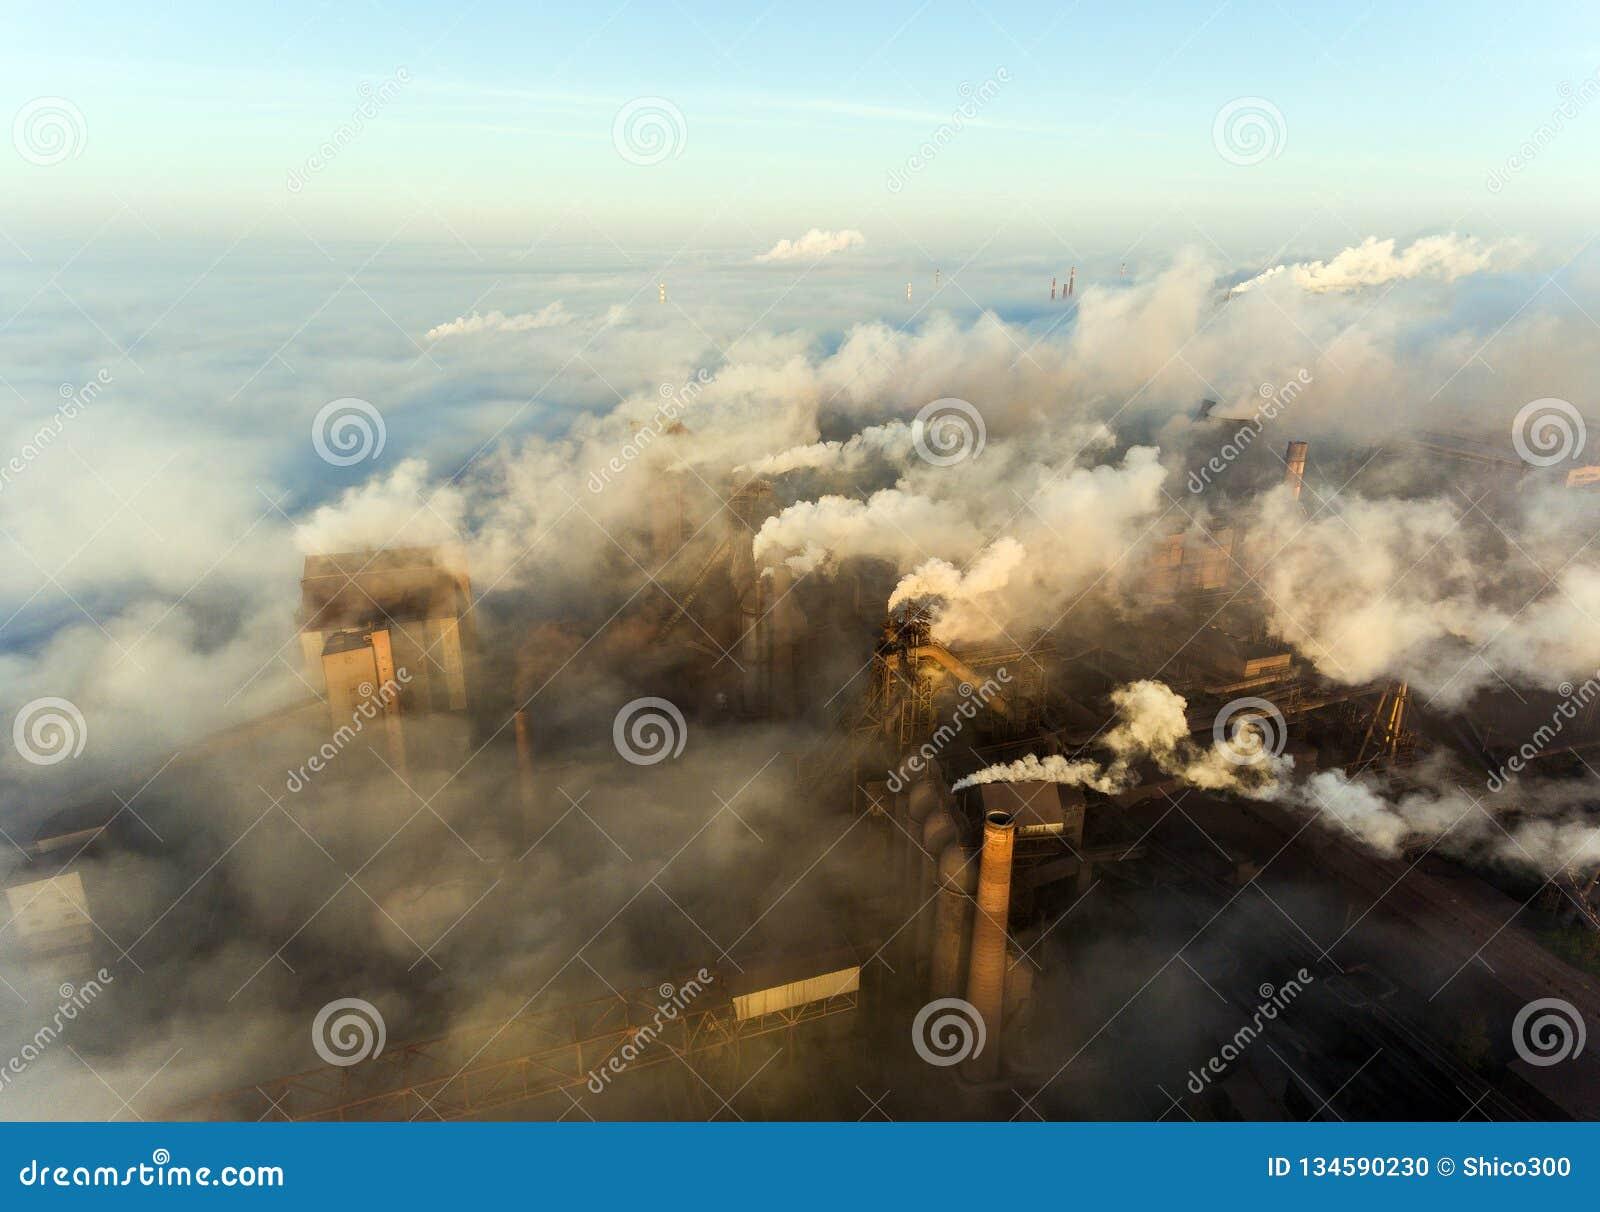 Industriestadt von Mariupol, Ukraine, im Rauche von Industrieanlagen und von Nebel an der Dämmerung